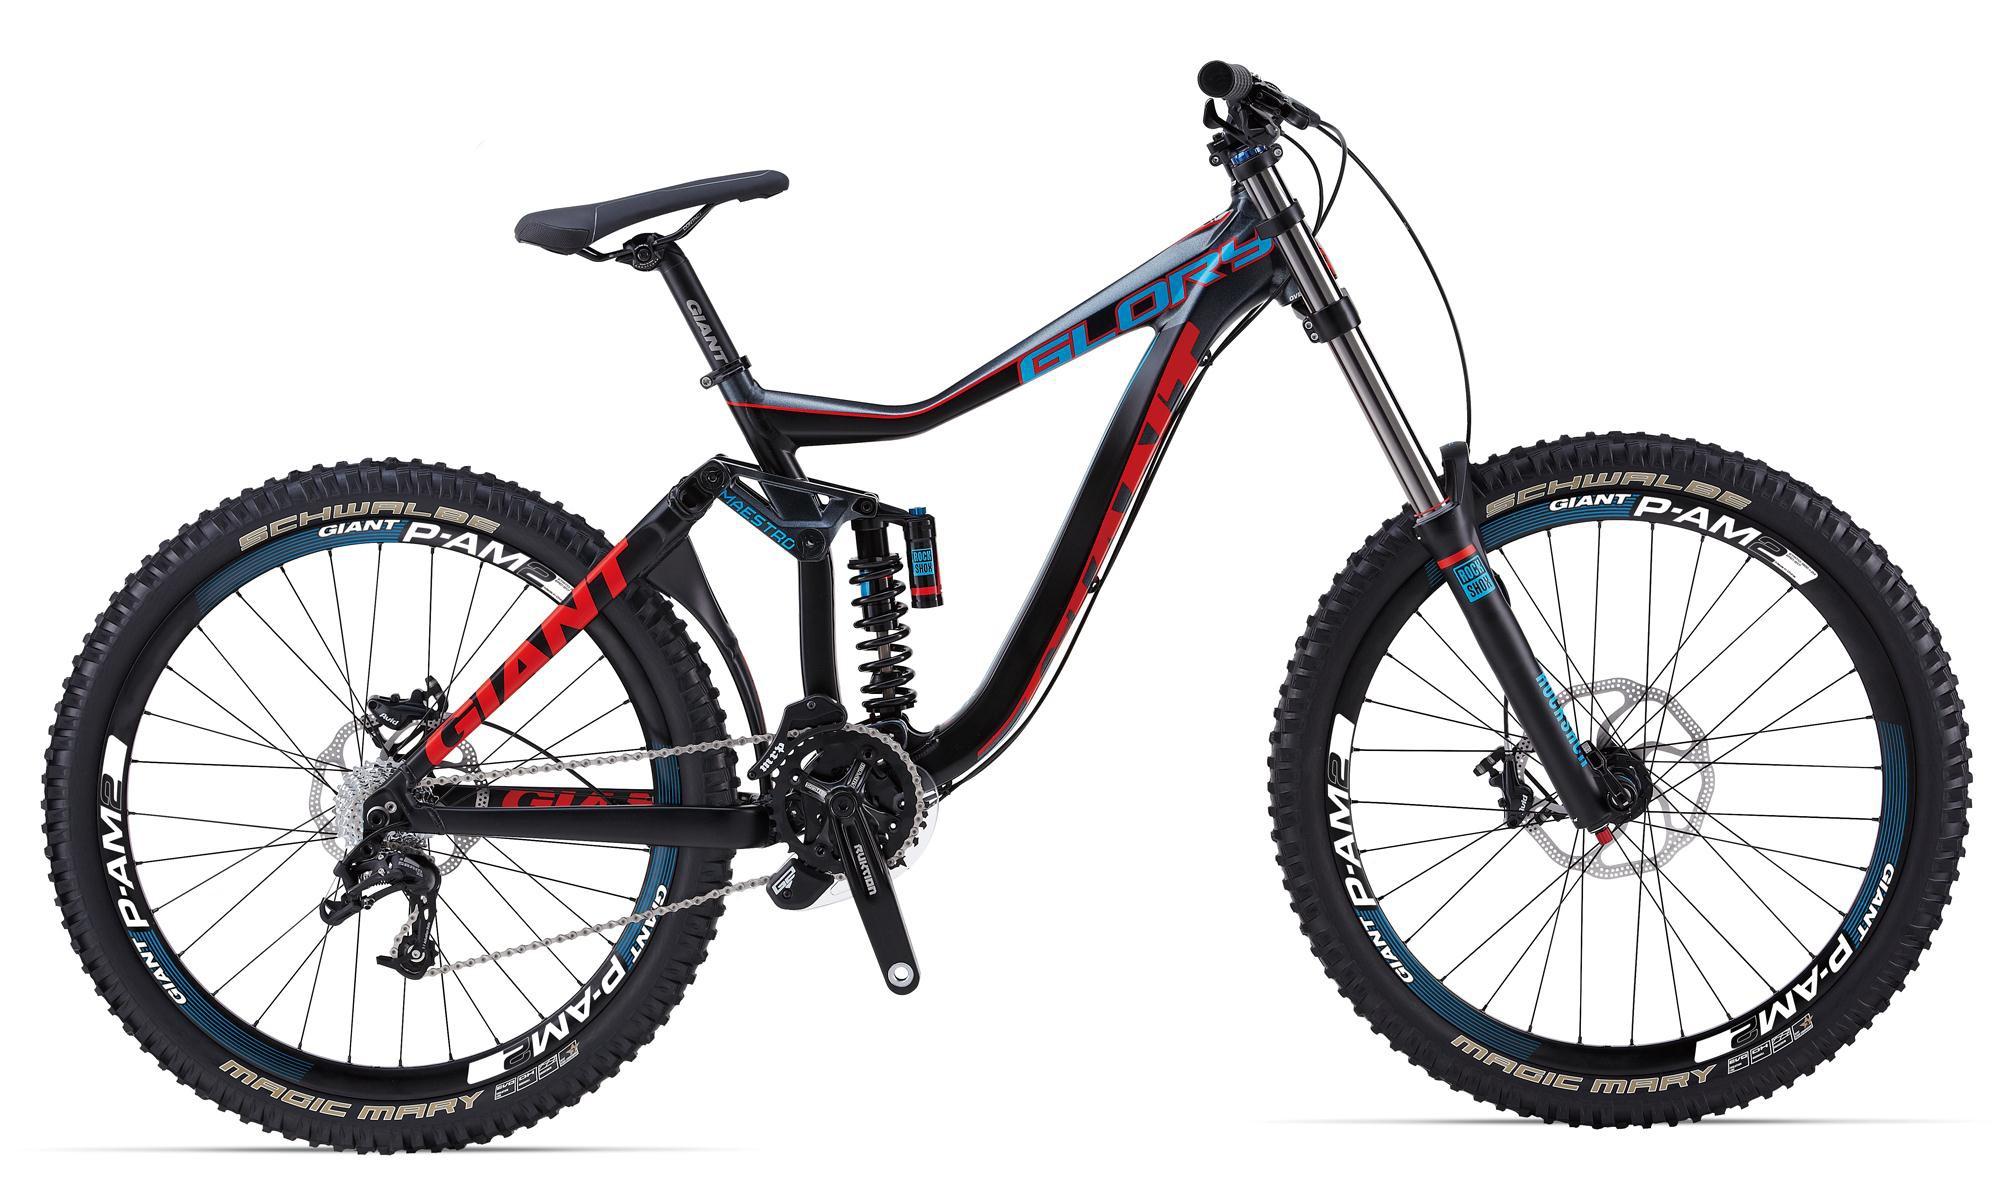 Велосипед двухподвес Giant Glory 2 (2014), Цвет Черно-Красный, Размер 18